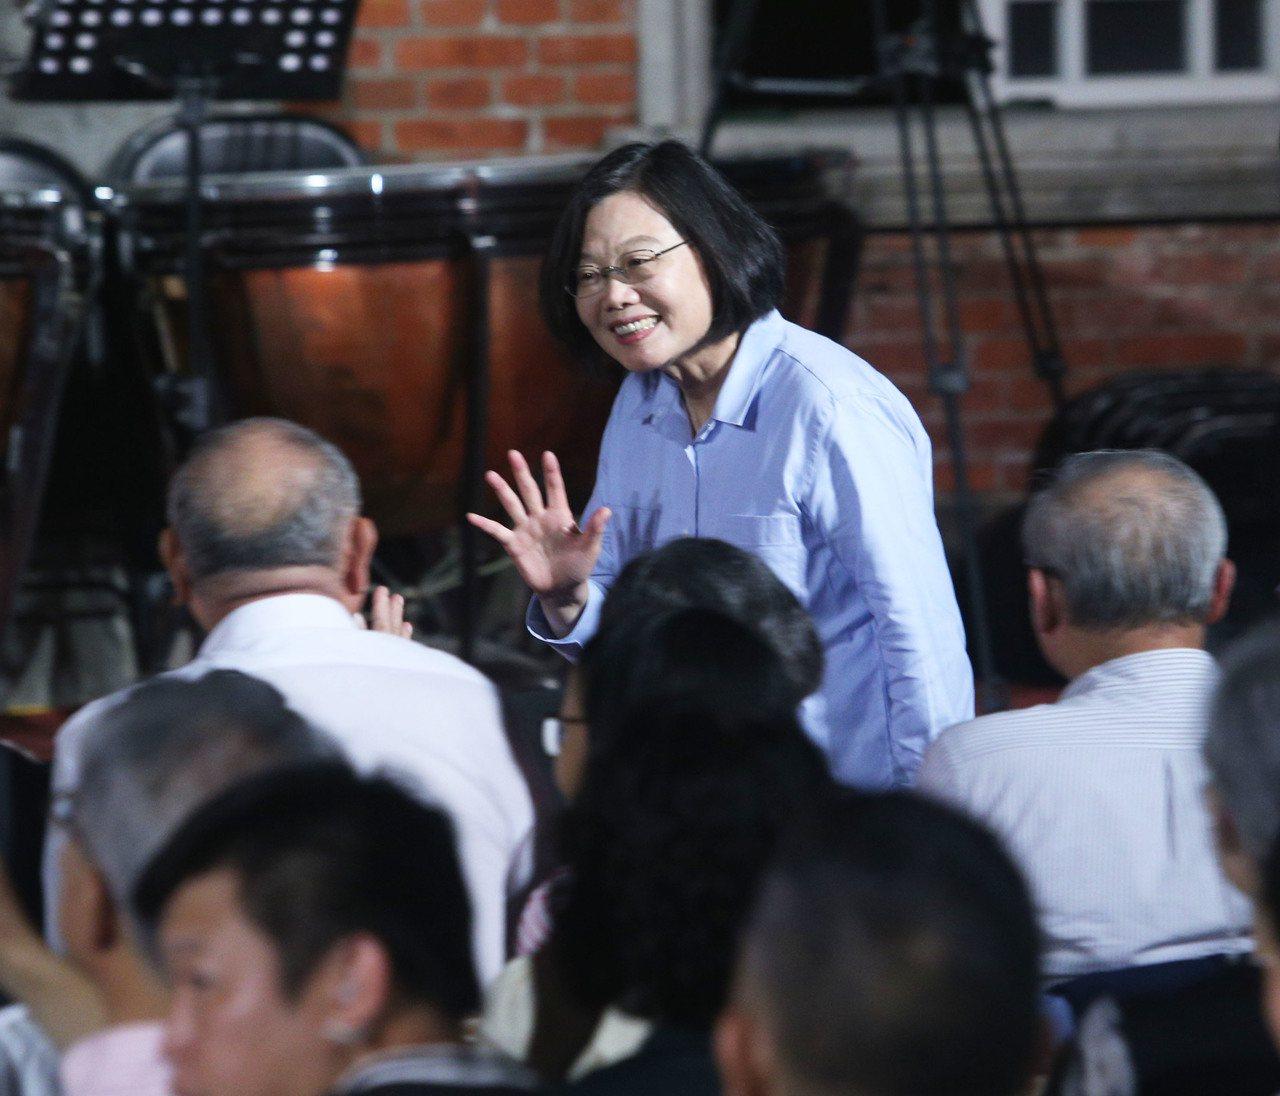 蔡英文總統出席黃家古厝音樂會。記者劉學聖/攝影